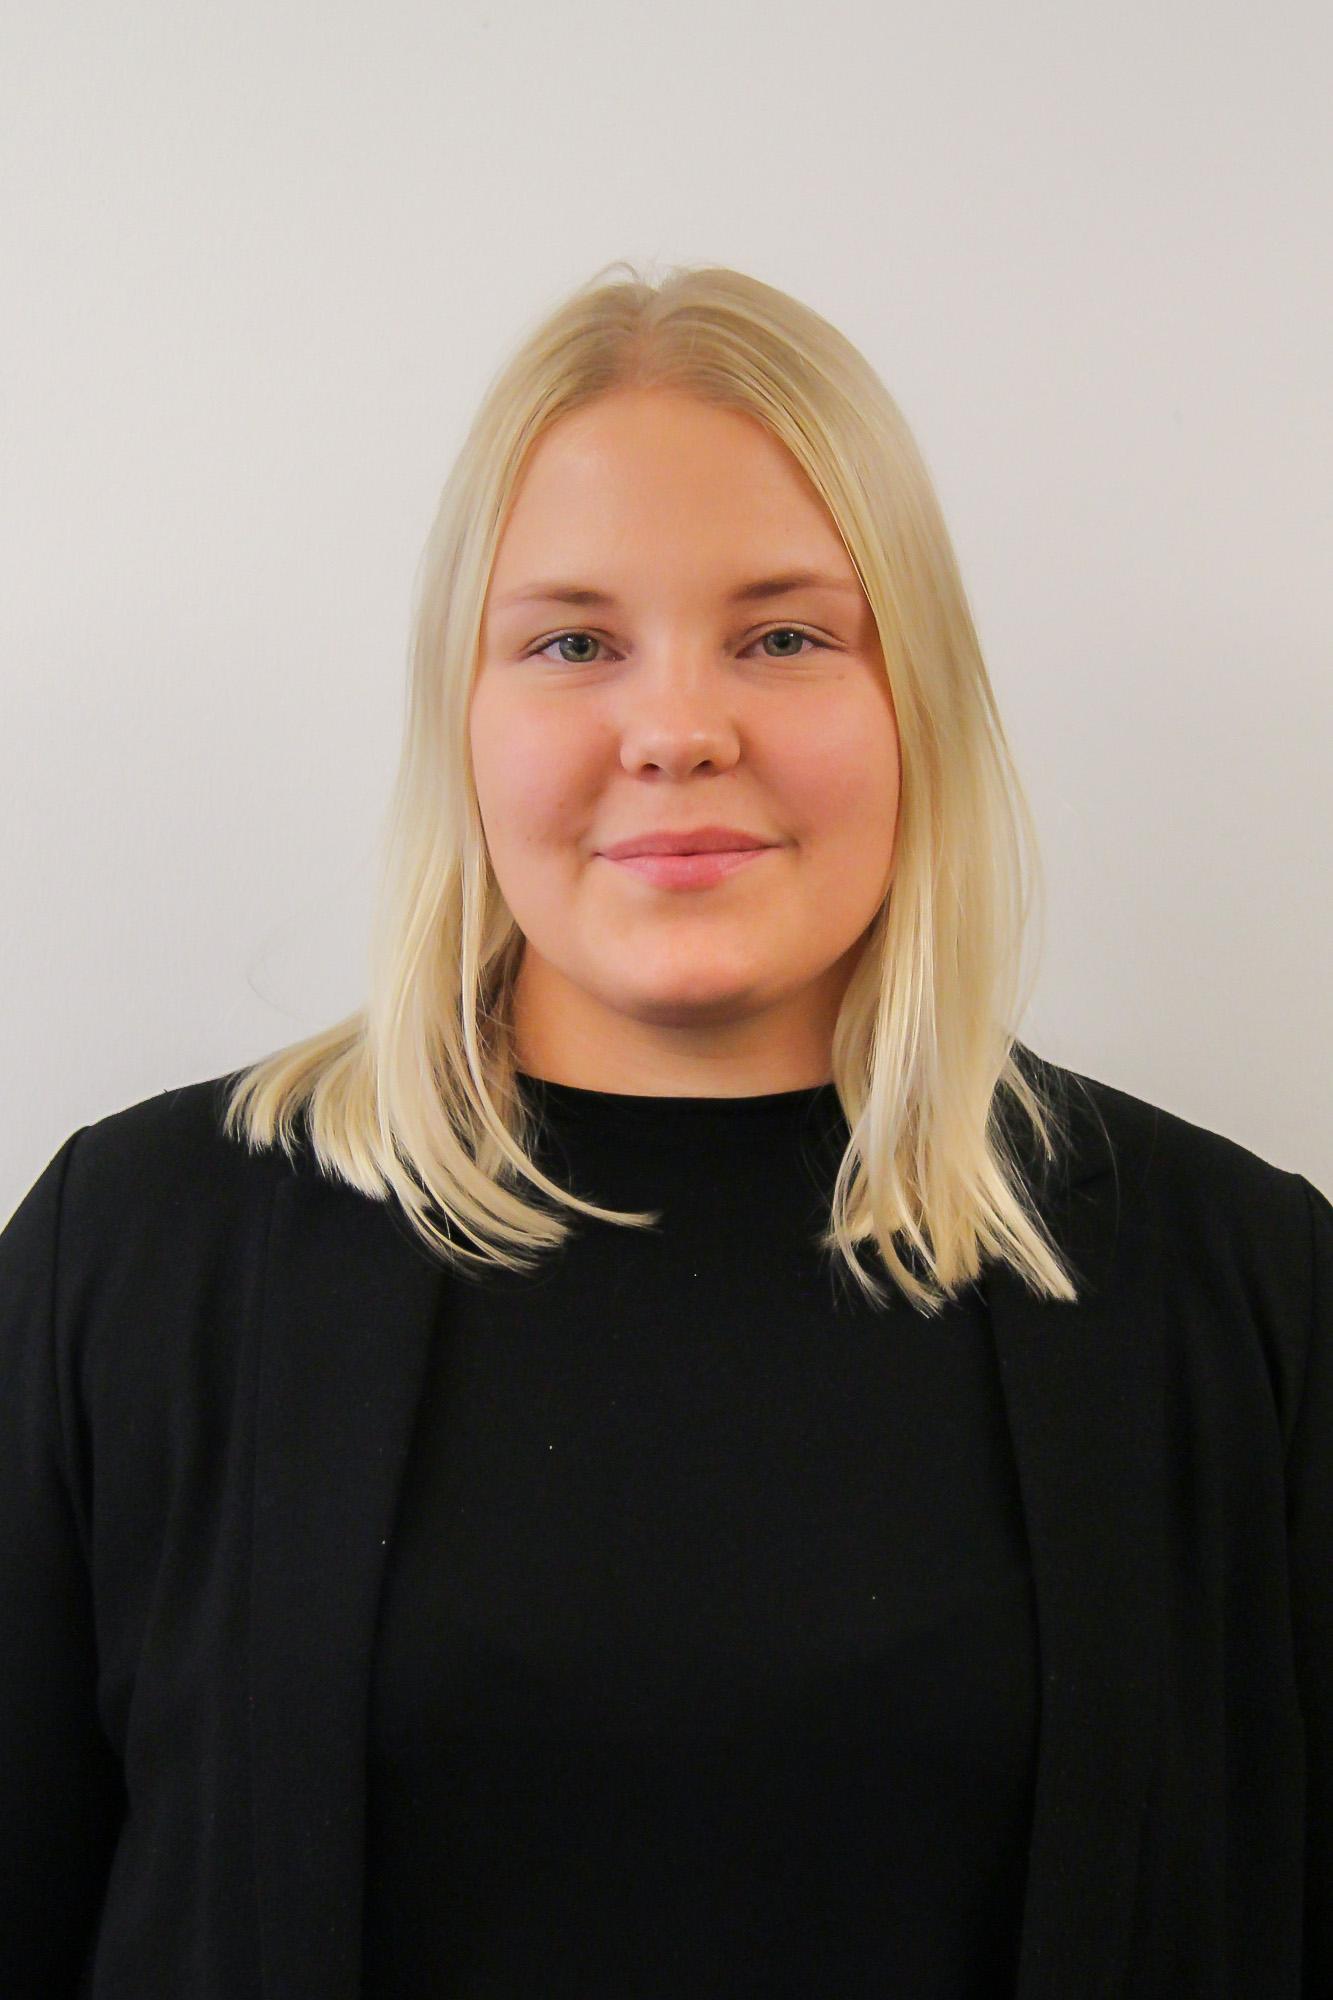 Emilia Janatuinen